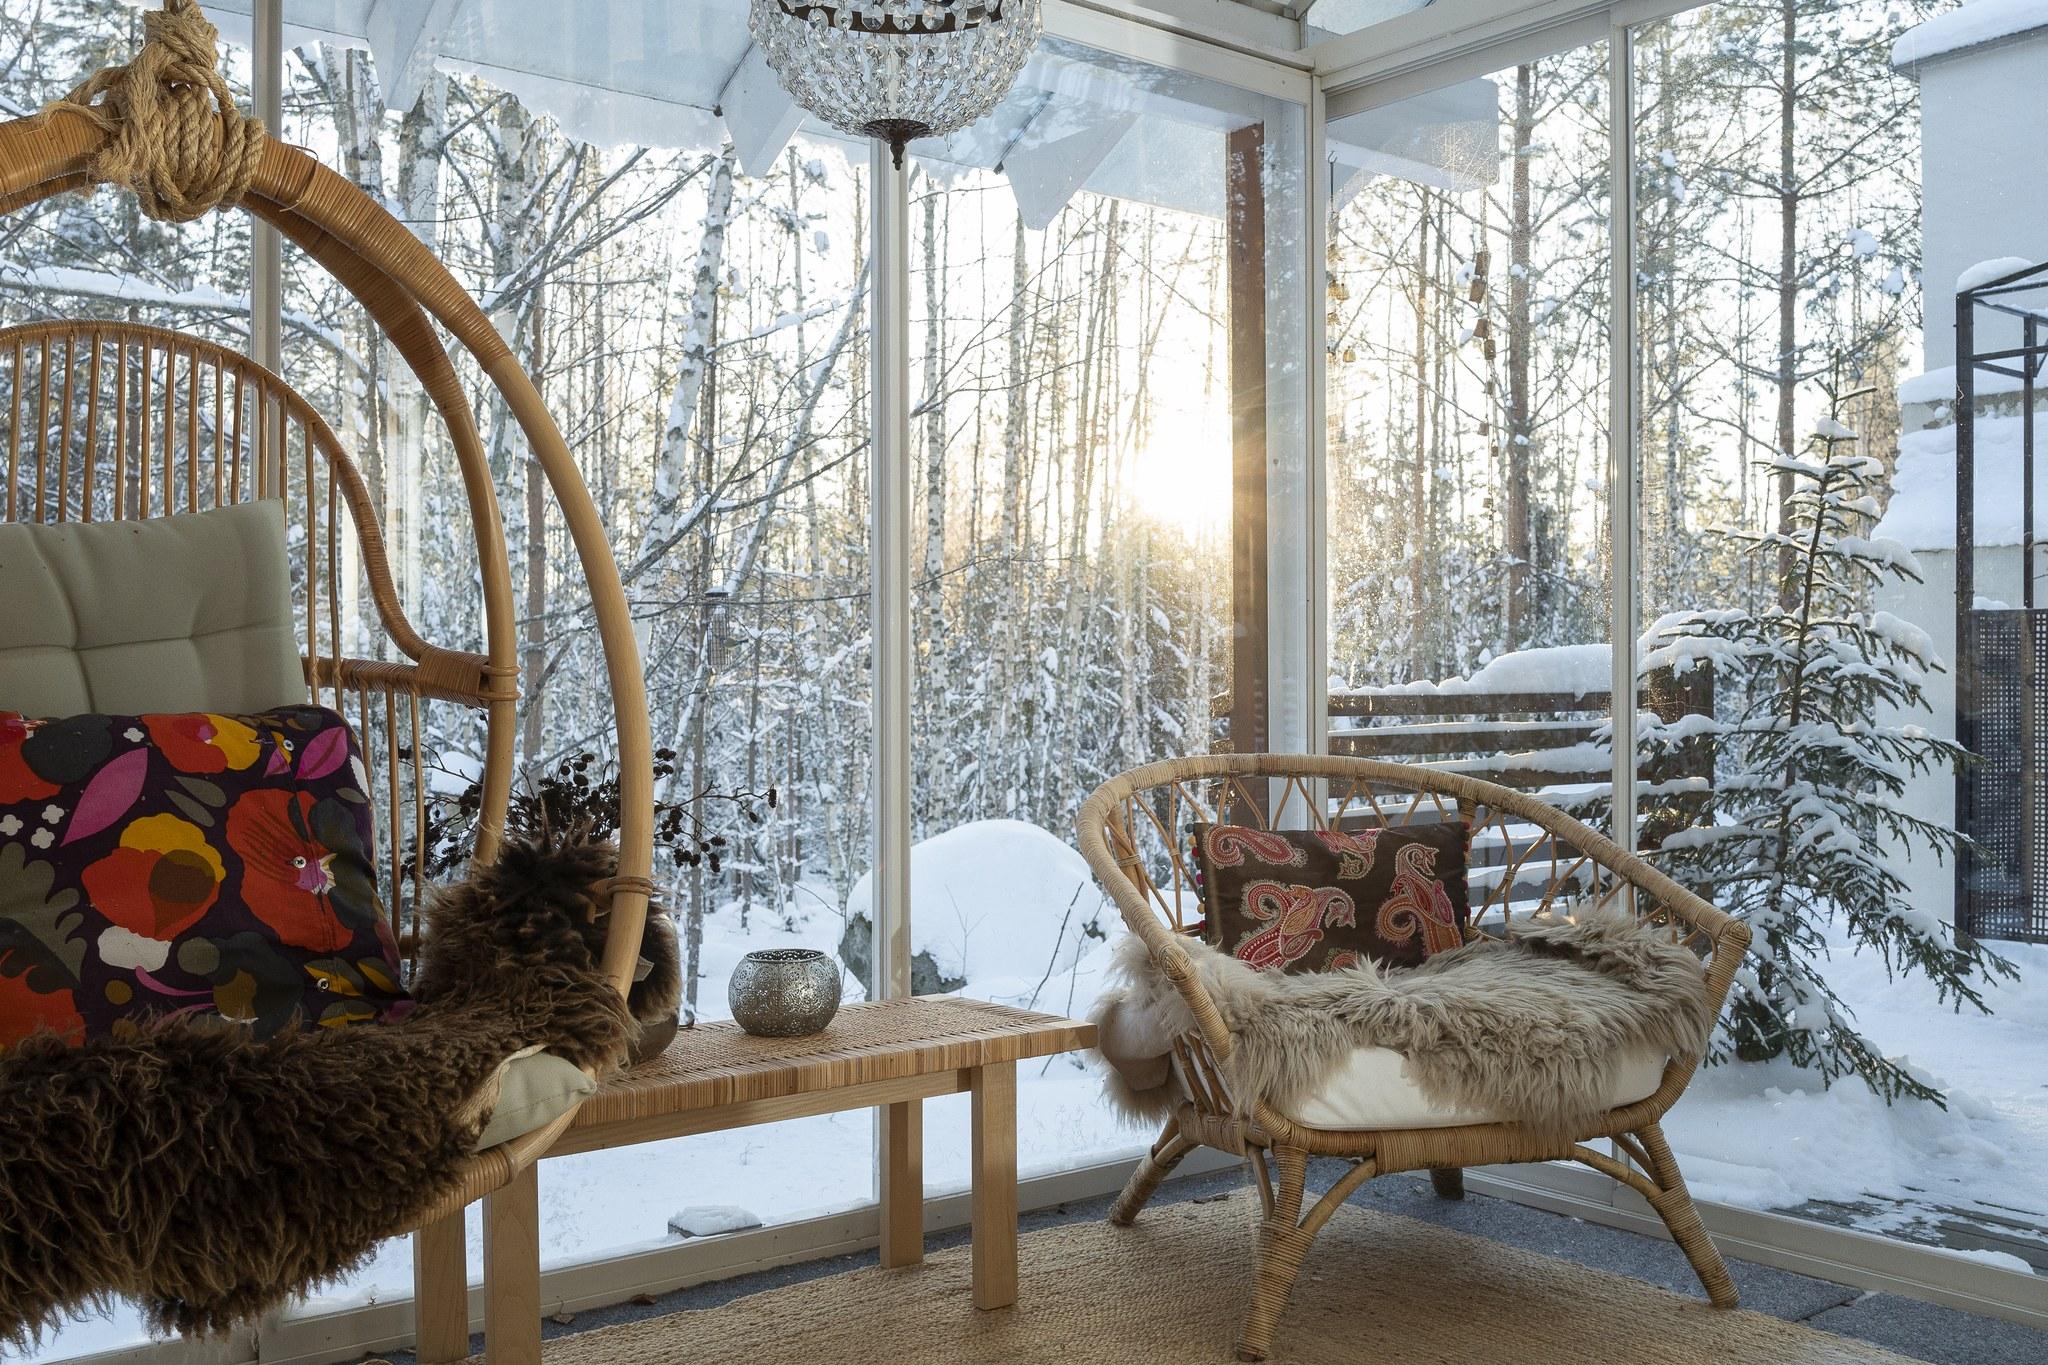 Kati Lagerstam viihtyy metsän keskellä